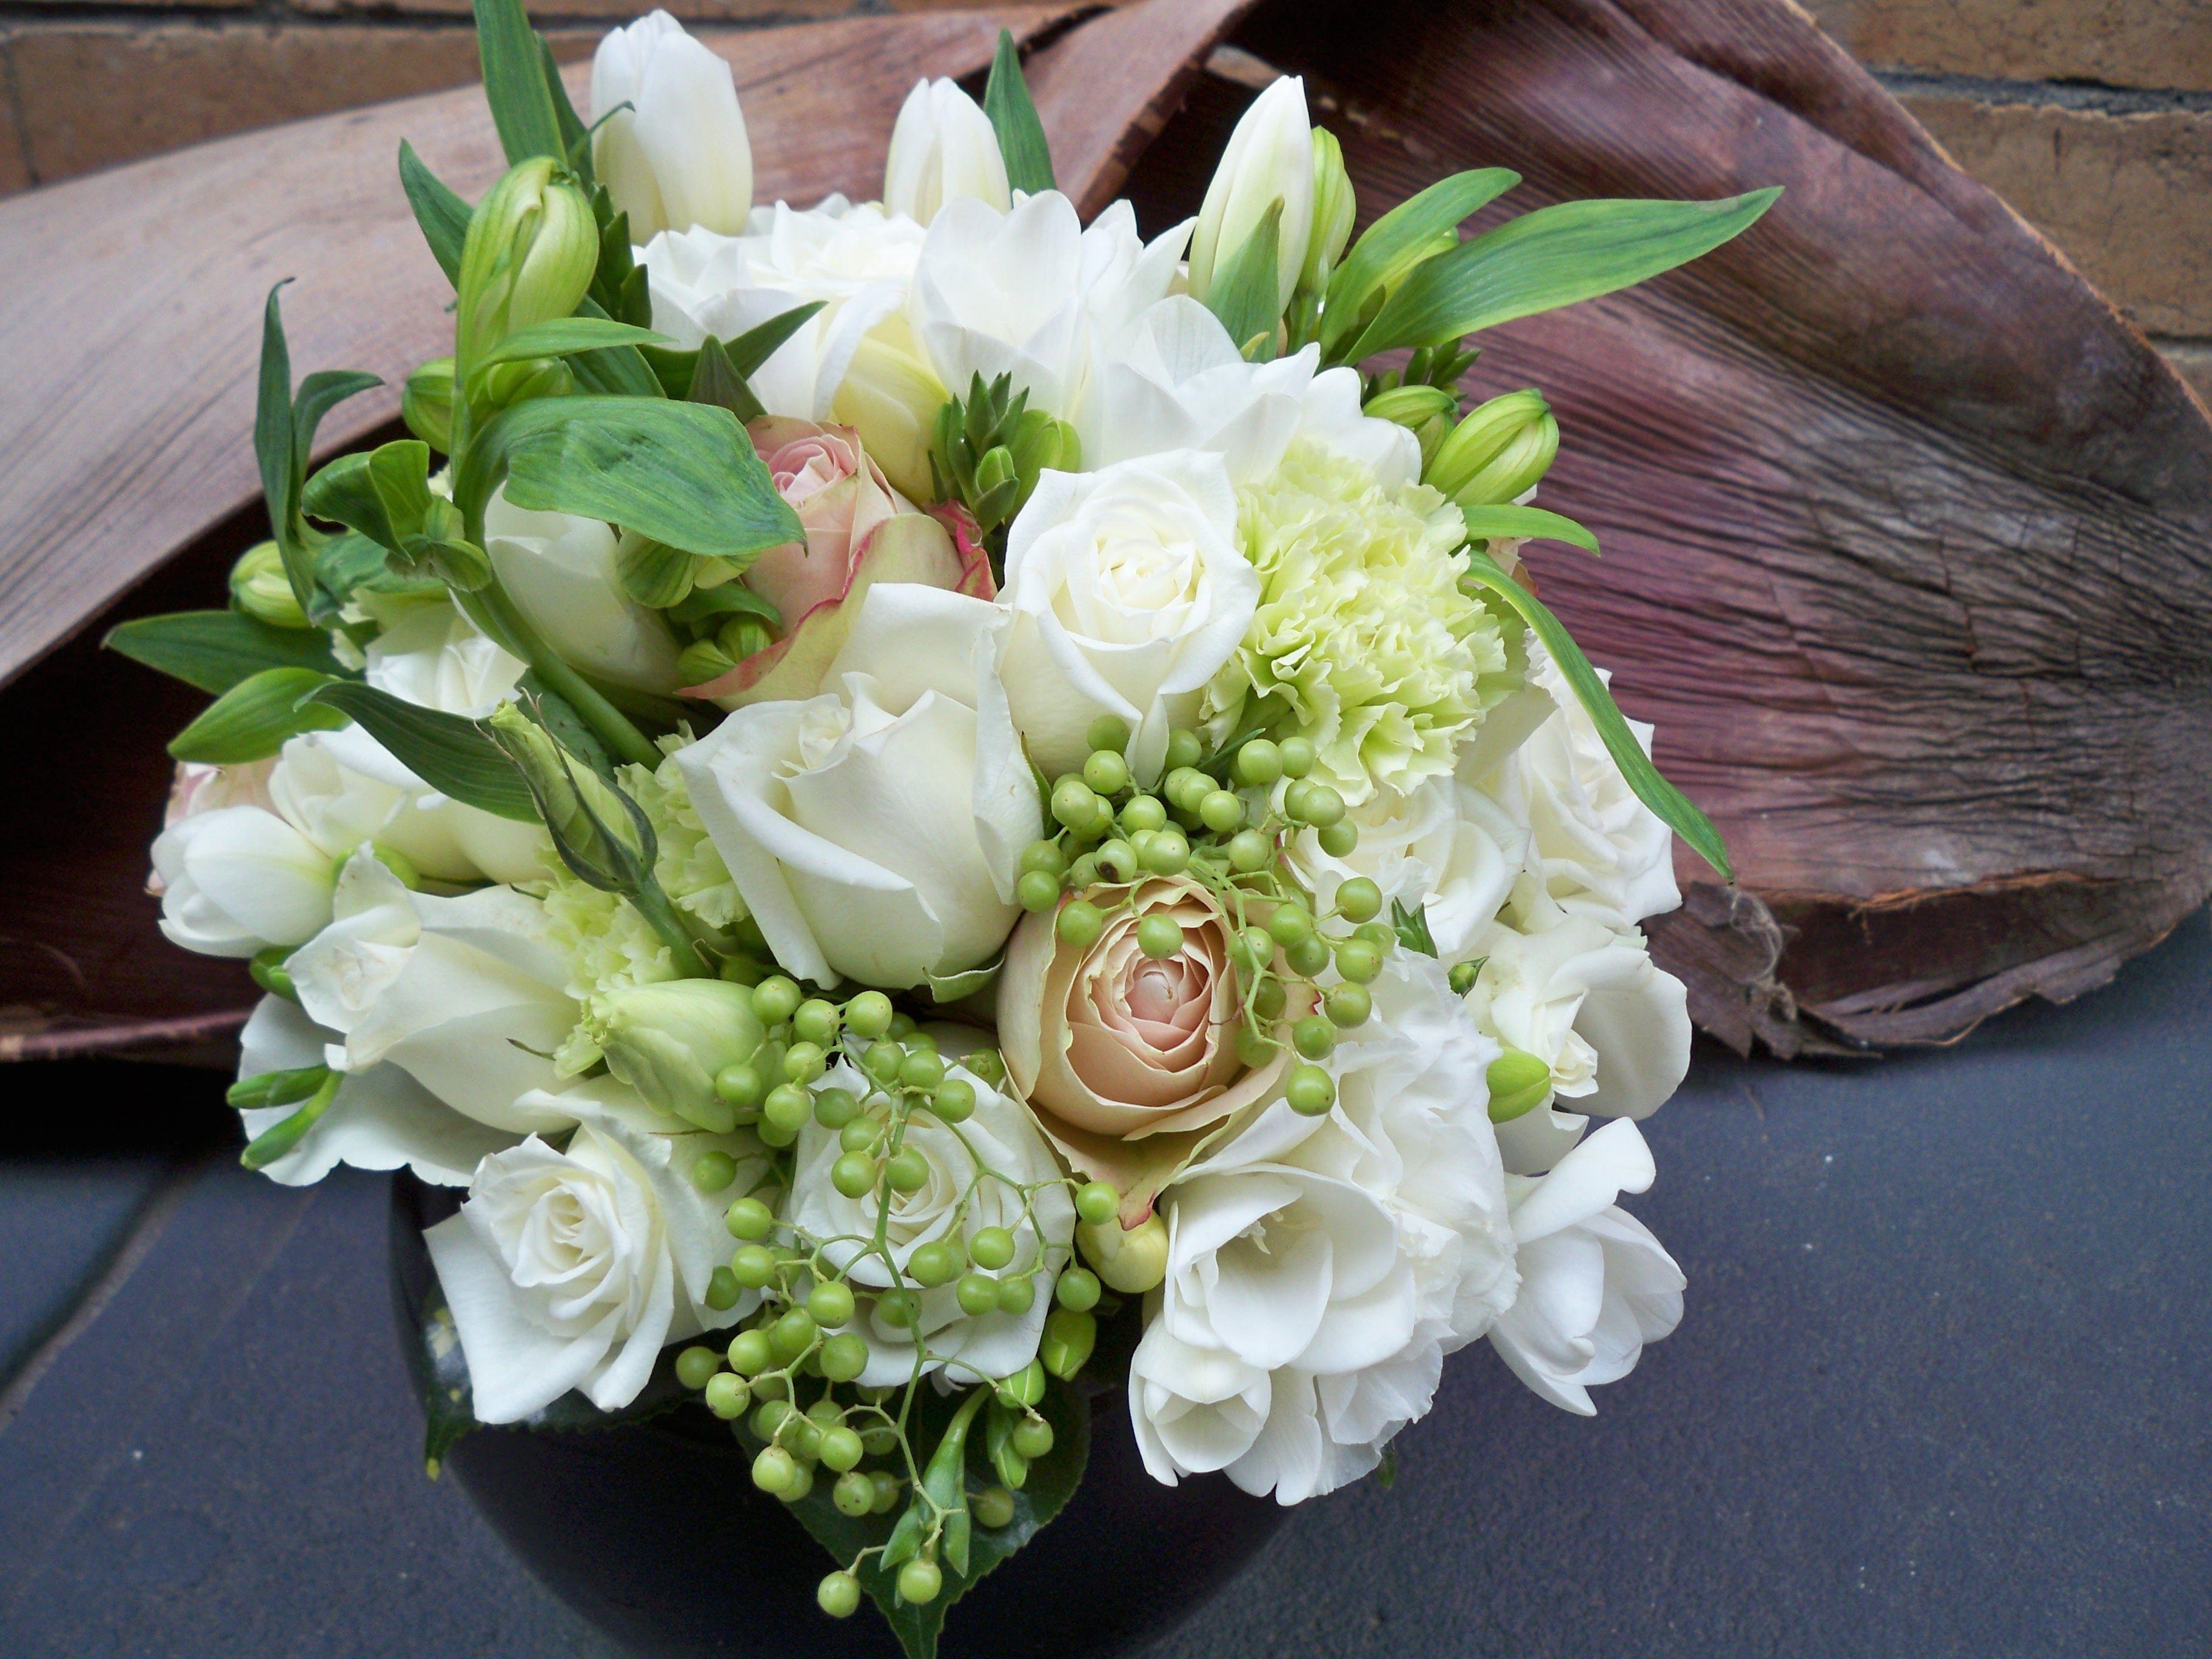 Brooke's bridal bouquet